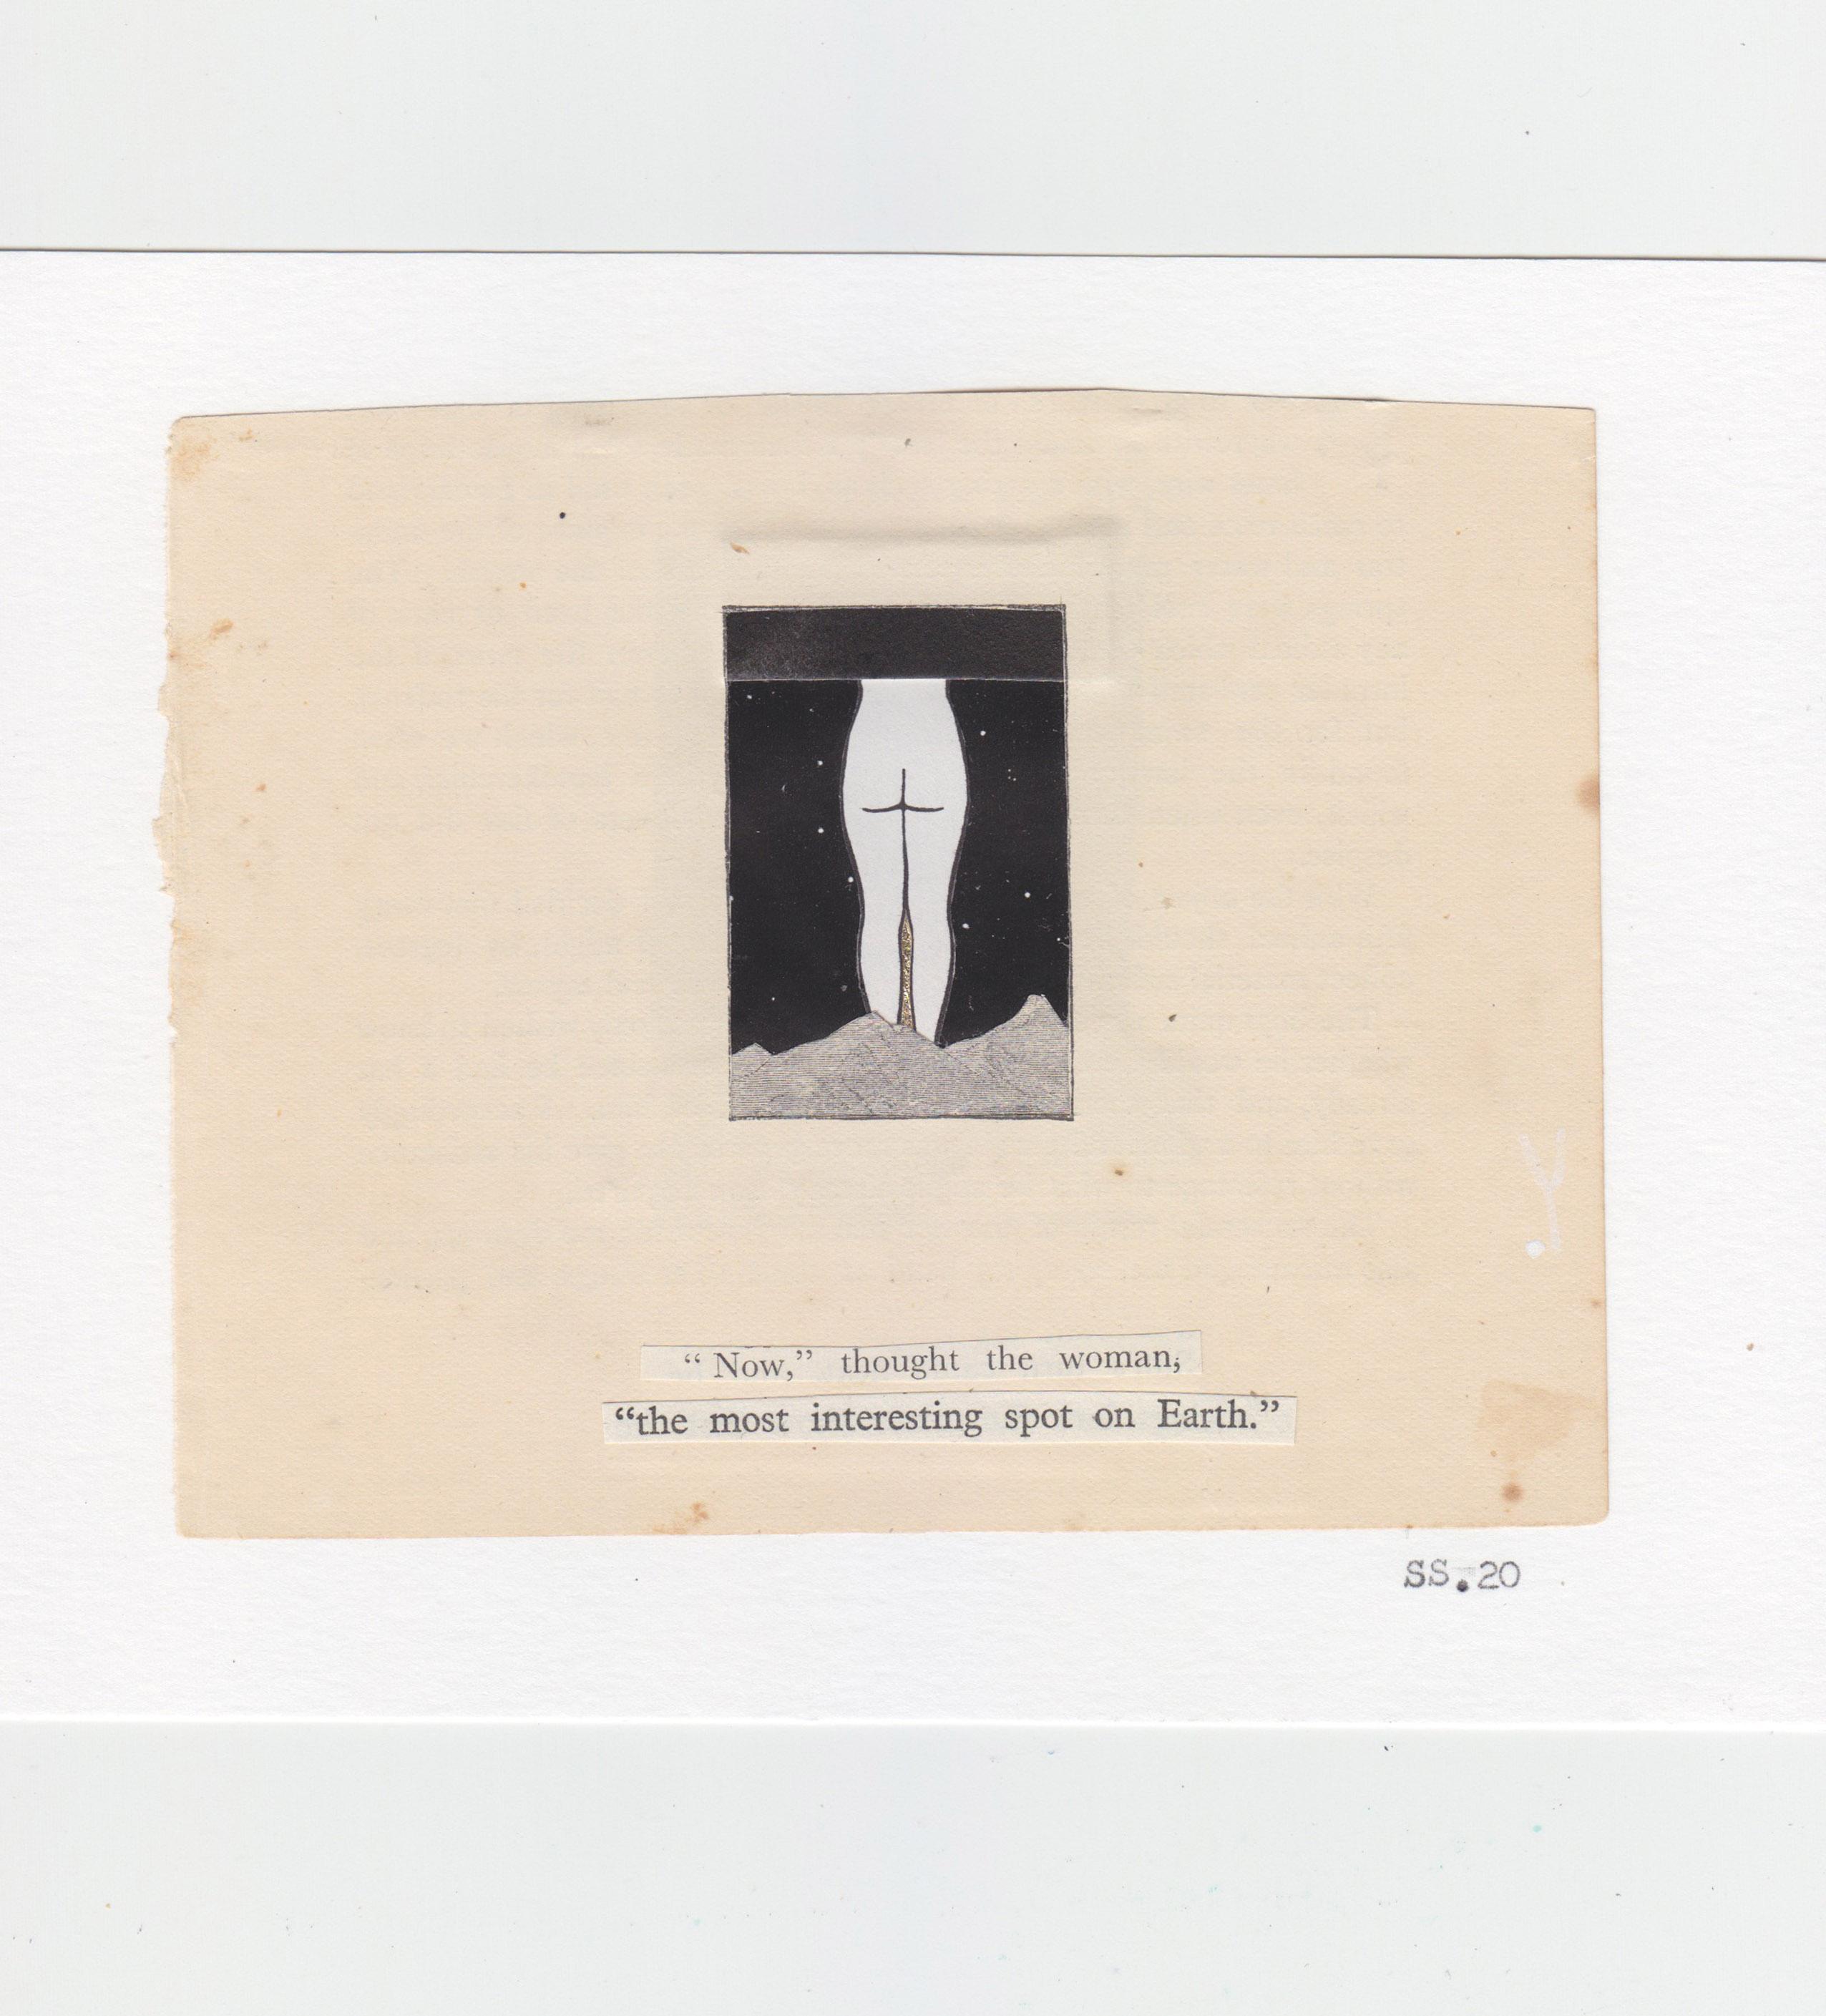 S 1.11 - 18x14 cm